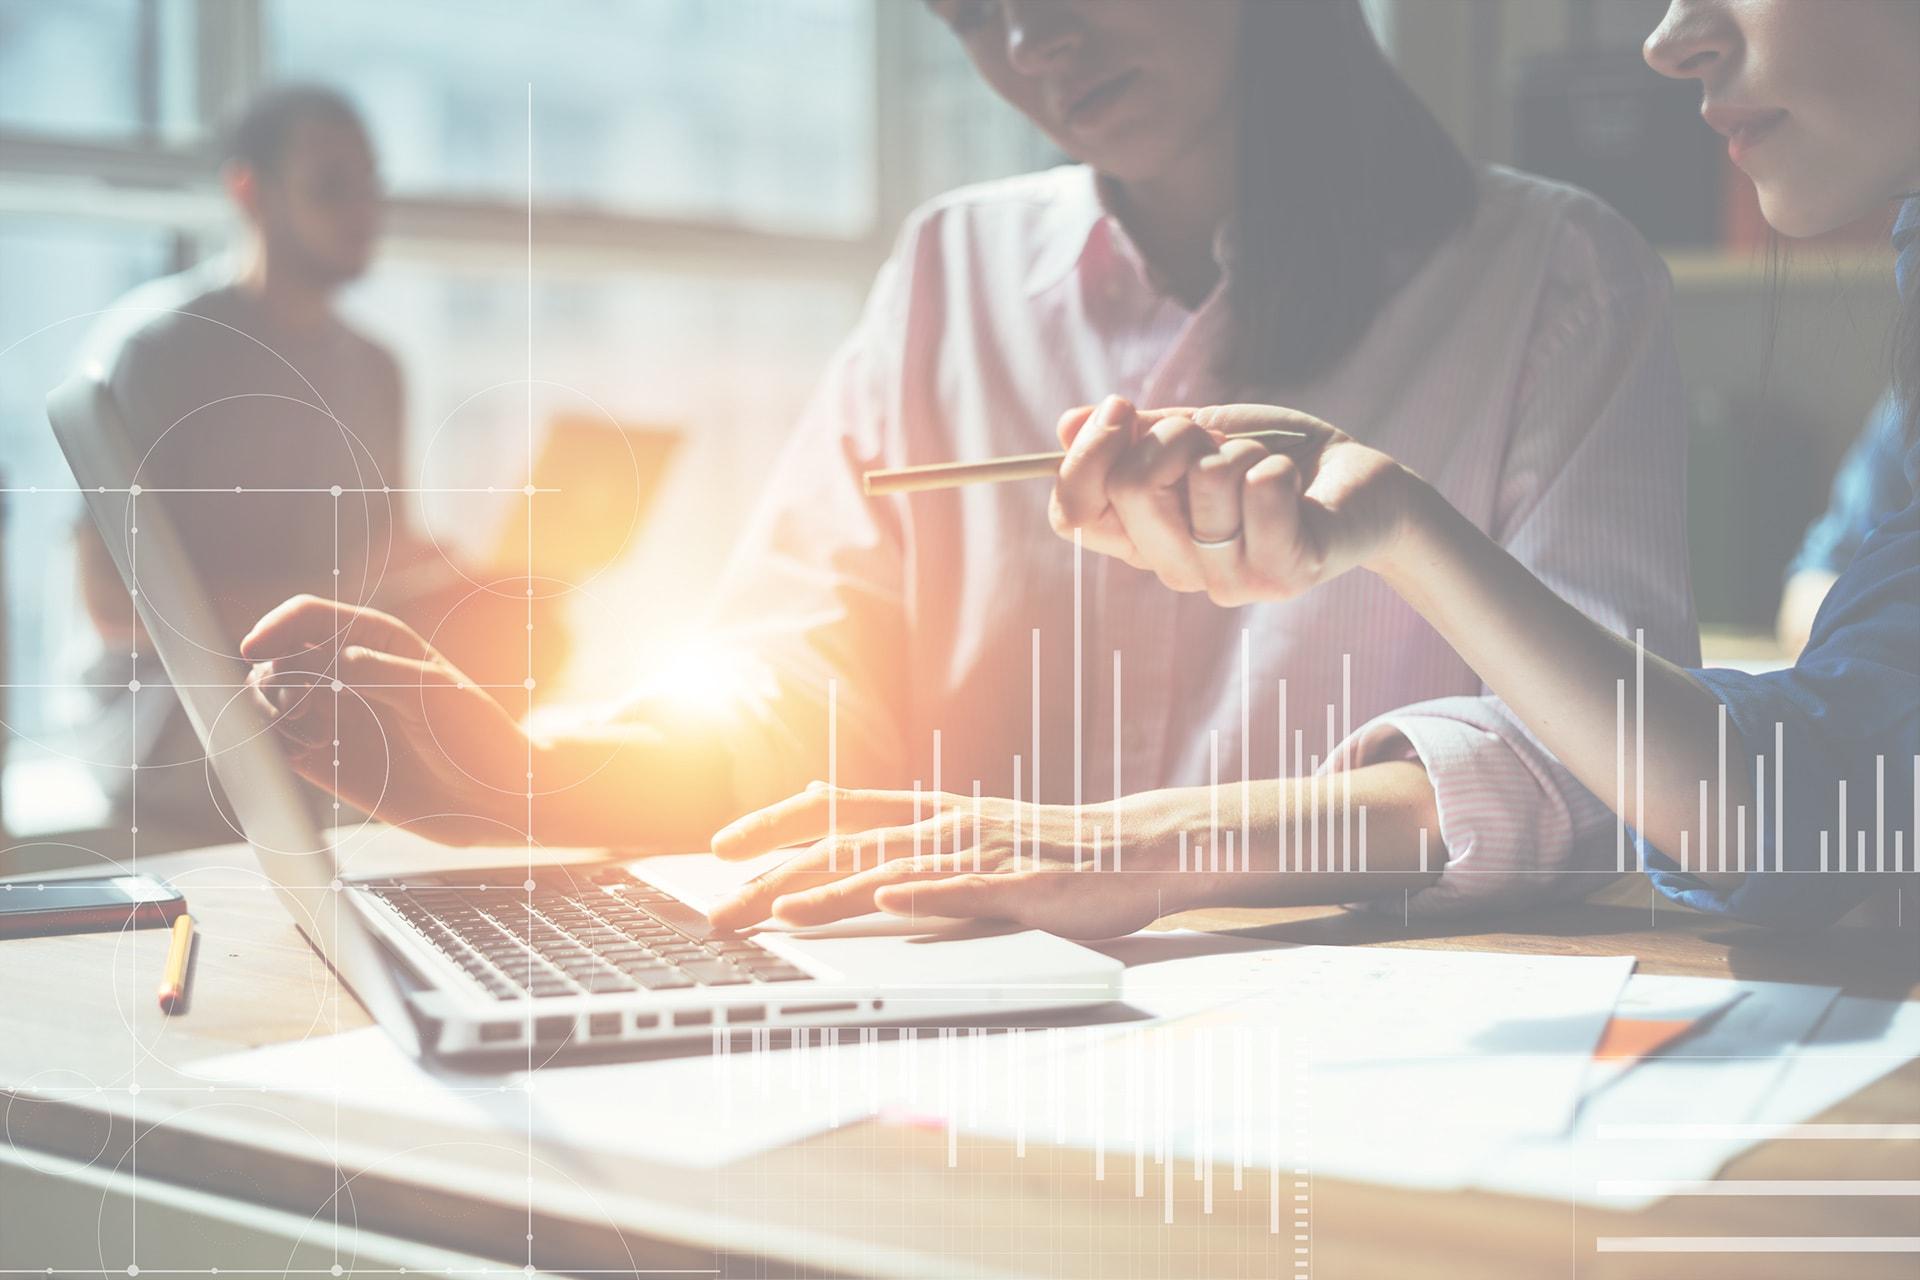 LHR bietet bedienerfreundliche Software und Dienstleistungen rund um´s Personalmanagement. Ob Personalverrechnung, Zeitwirtschaft oder Human Resources: Wir haben die passende Lösung für Ihr Unternehmen!